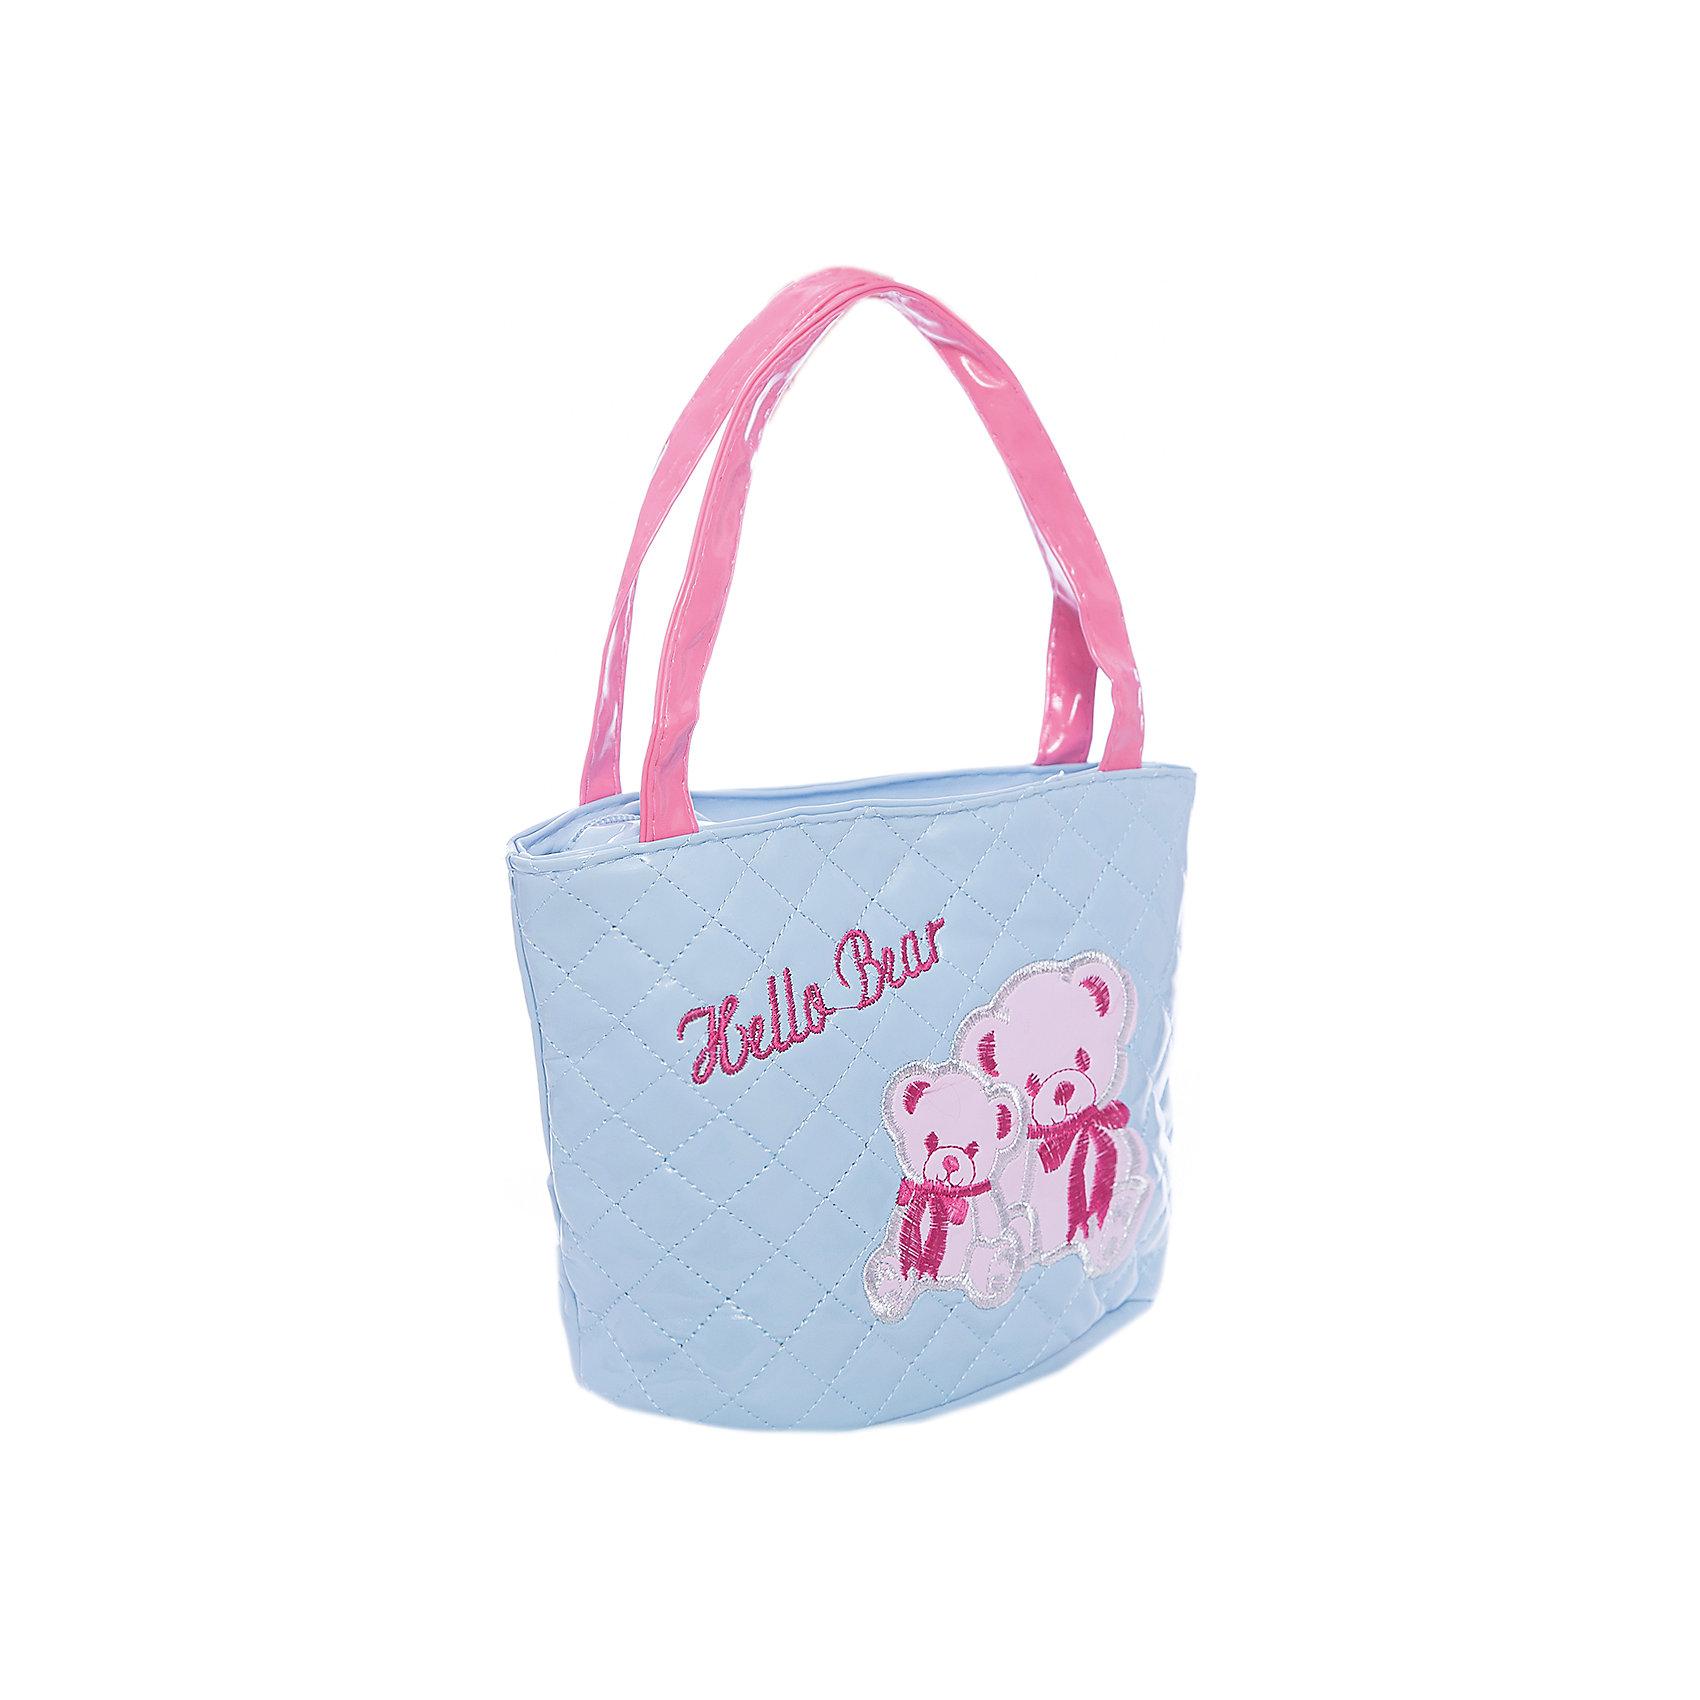 Сумочка Мишки, голубая, 18х20 см.Каждая маленькая модница точно знает, как важно, чтобы сумочка подходила по цвету к туфлям! Новая коллекция сумочек для девочек выполнена в самых любимых девичьих цветах: розовом и голубом. В сумочку можно положить зеркальце, расческу и заколки - теперь все необходимое всегда под рукой! Сумочка Мишки на молнии в голубом цвете, с удобными лямками, размер: 18х20 см.<br><br>Ширина мм: 220<br>Глубина мм: 130<br>Высота мм: 1700<br>Вес г: 82<br>Возраст от месяцев: 552<br>Возраст до месяцев: 2147483647<br>Пол: Женский<br>Возраст: Детский<br>SKU: 5508570